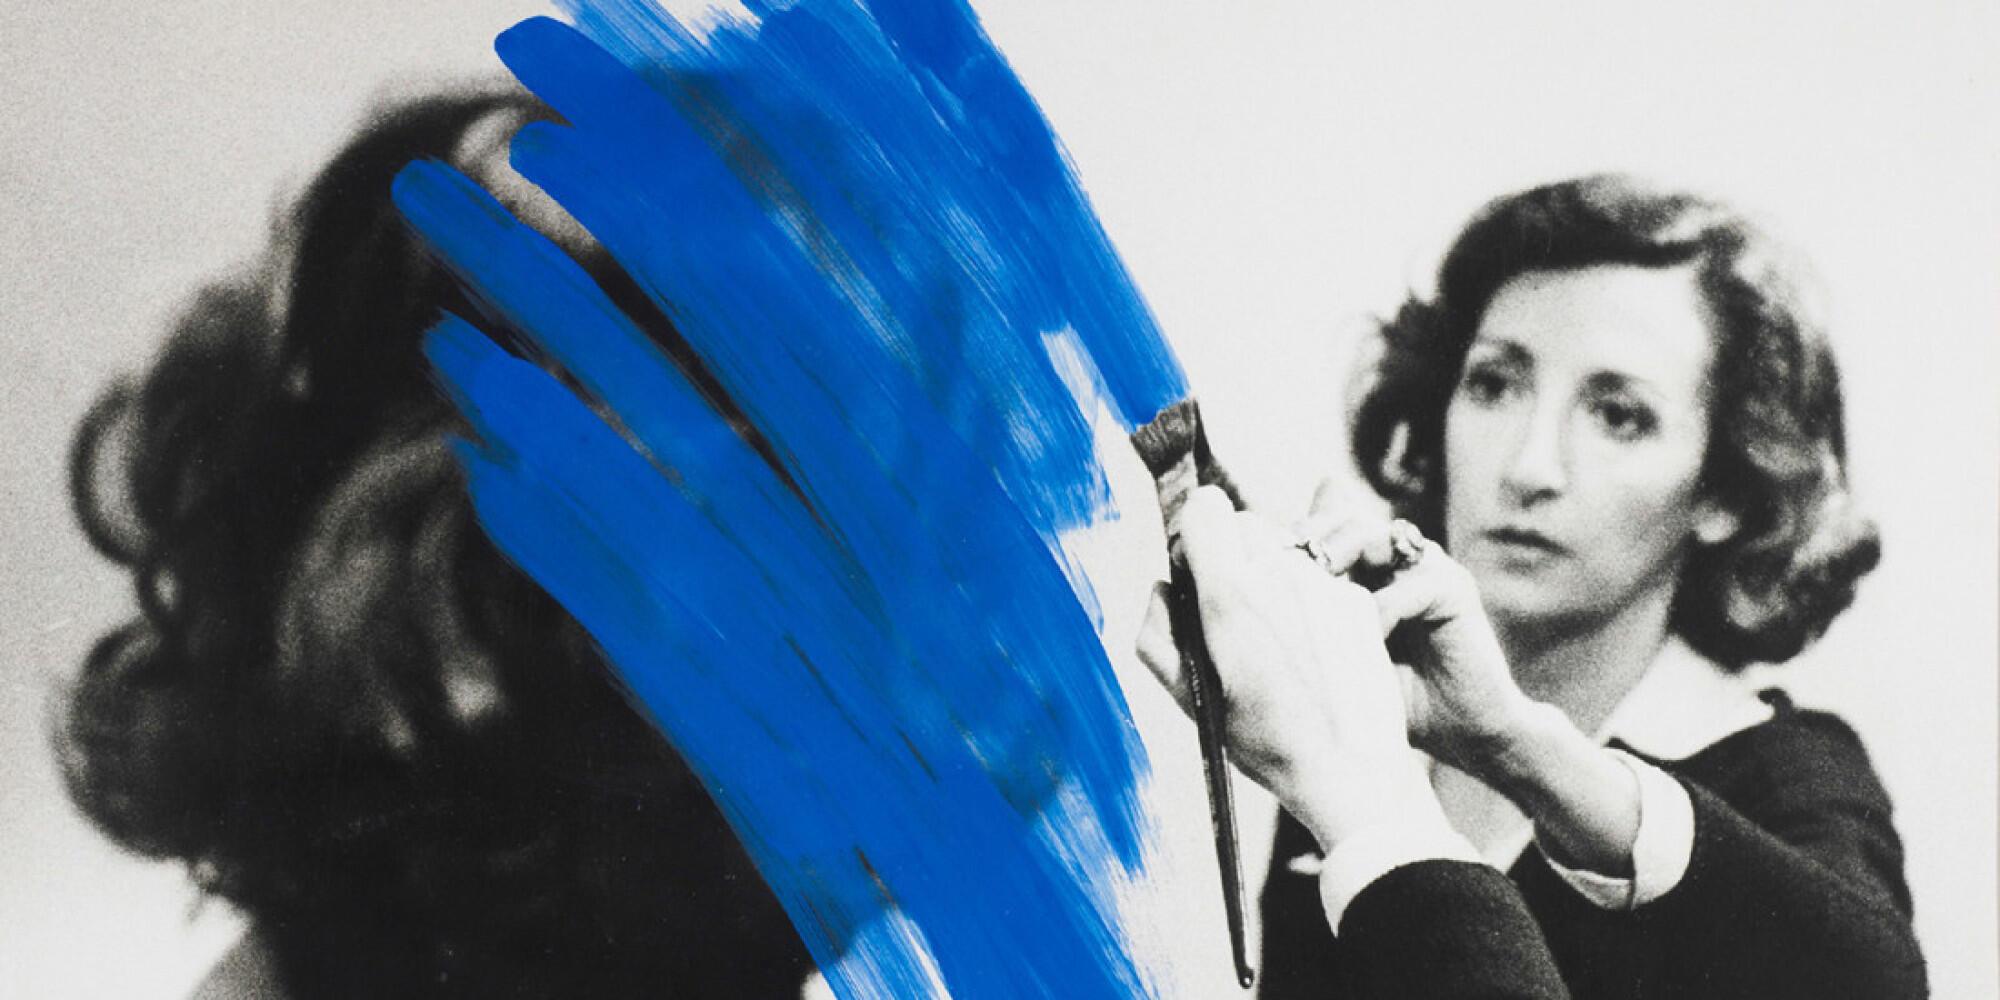 Exposição Corpus de Helena Almeida no Jeu de Paume em Paris